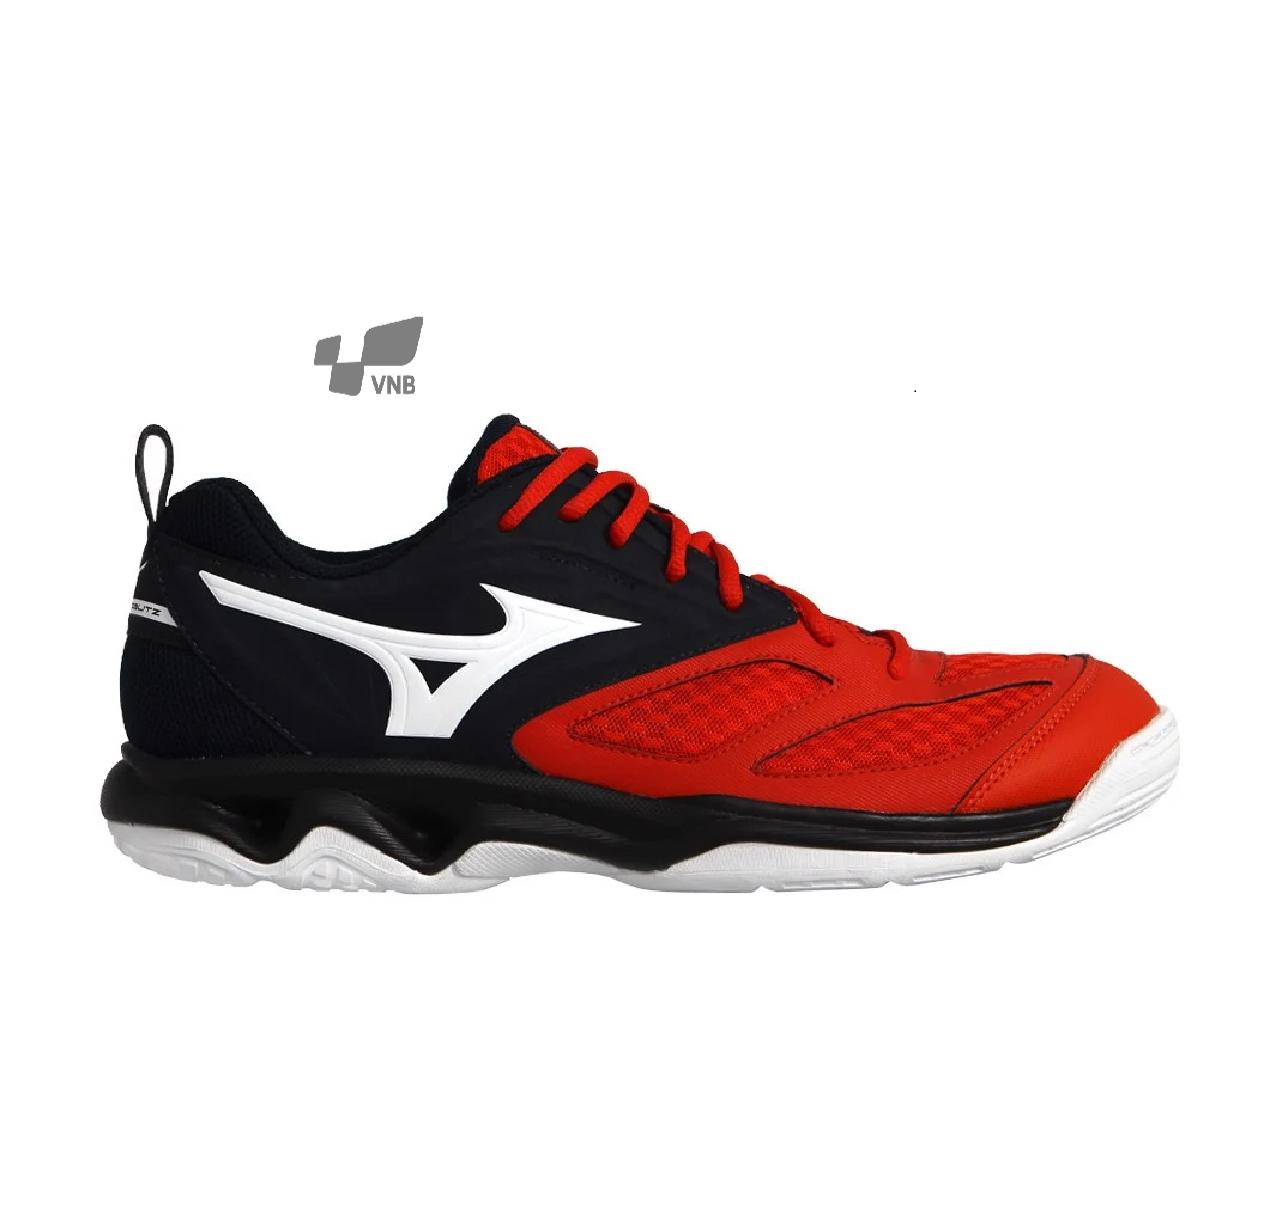 Giày cầu lông Mizuno Dynablitz - Đỏ chính hãng